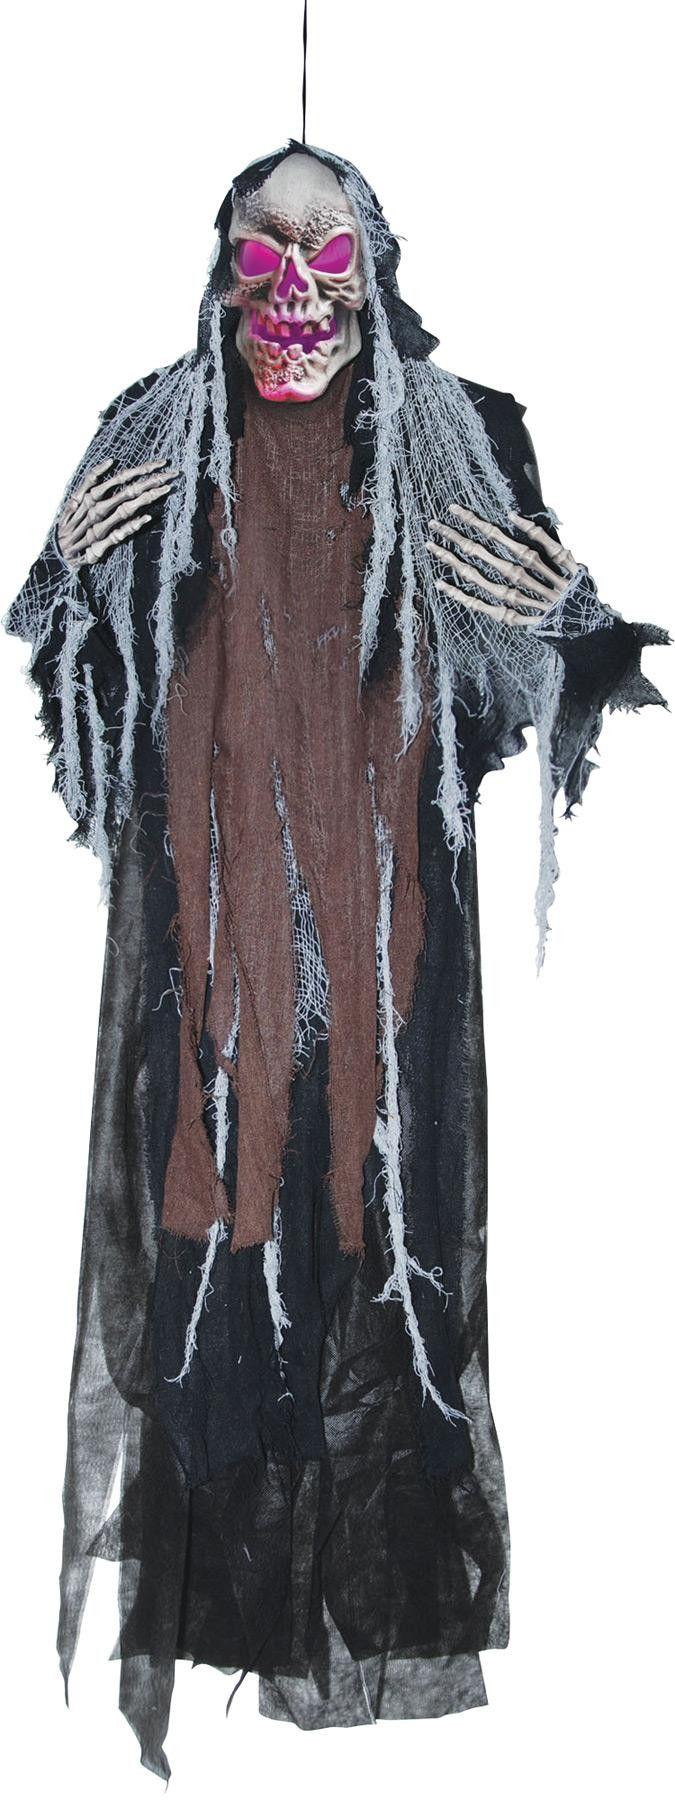 Hanging Creepy Reaper 5 Ft